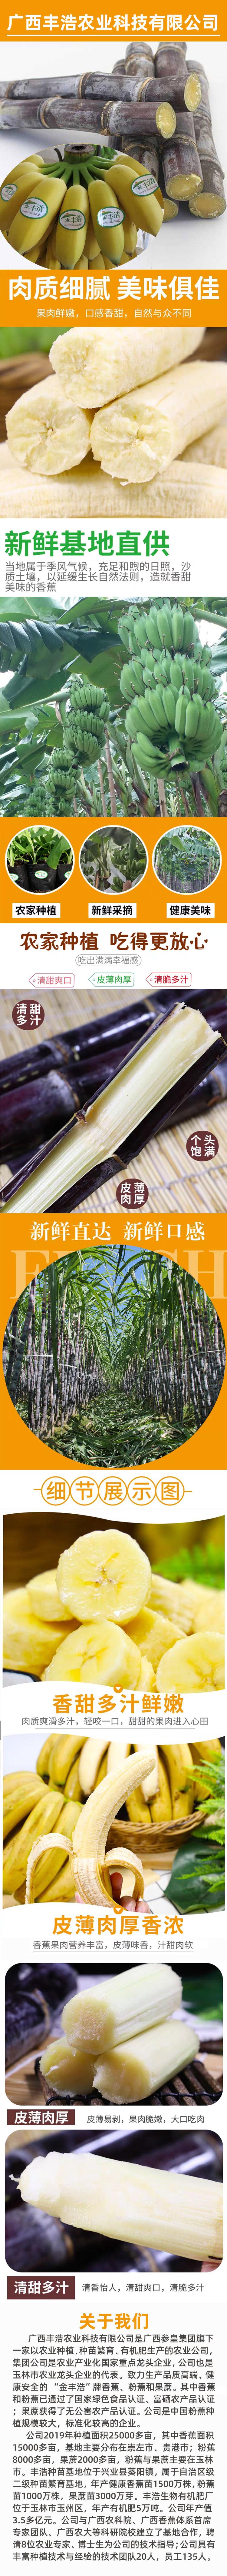 1126广西丰浩农业科技有限公司.jpg